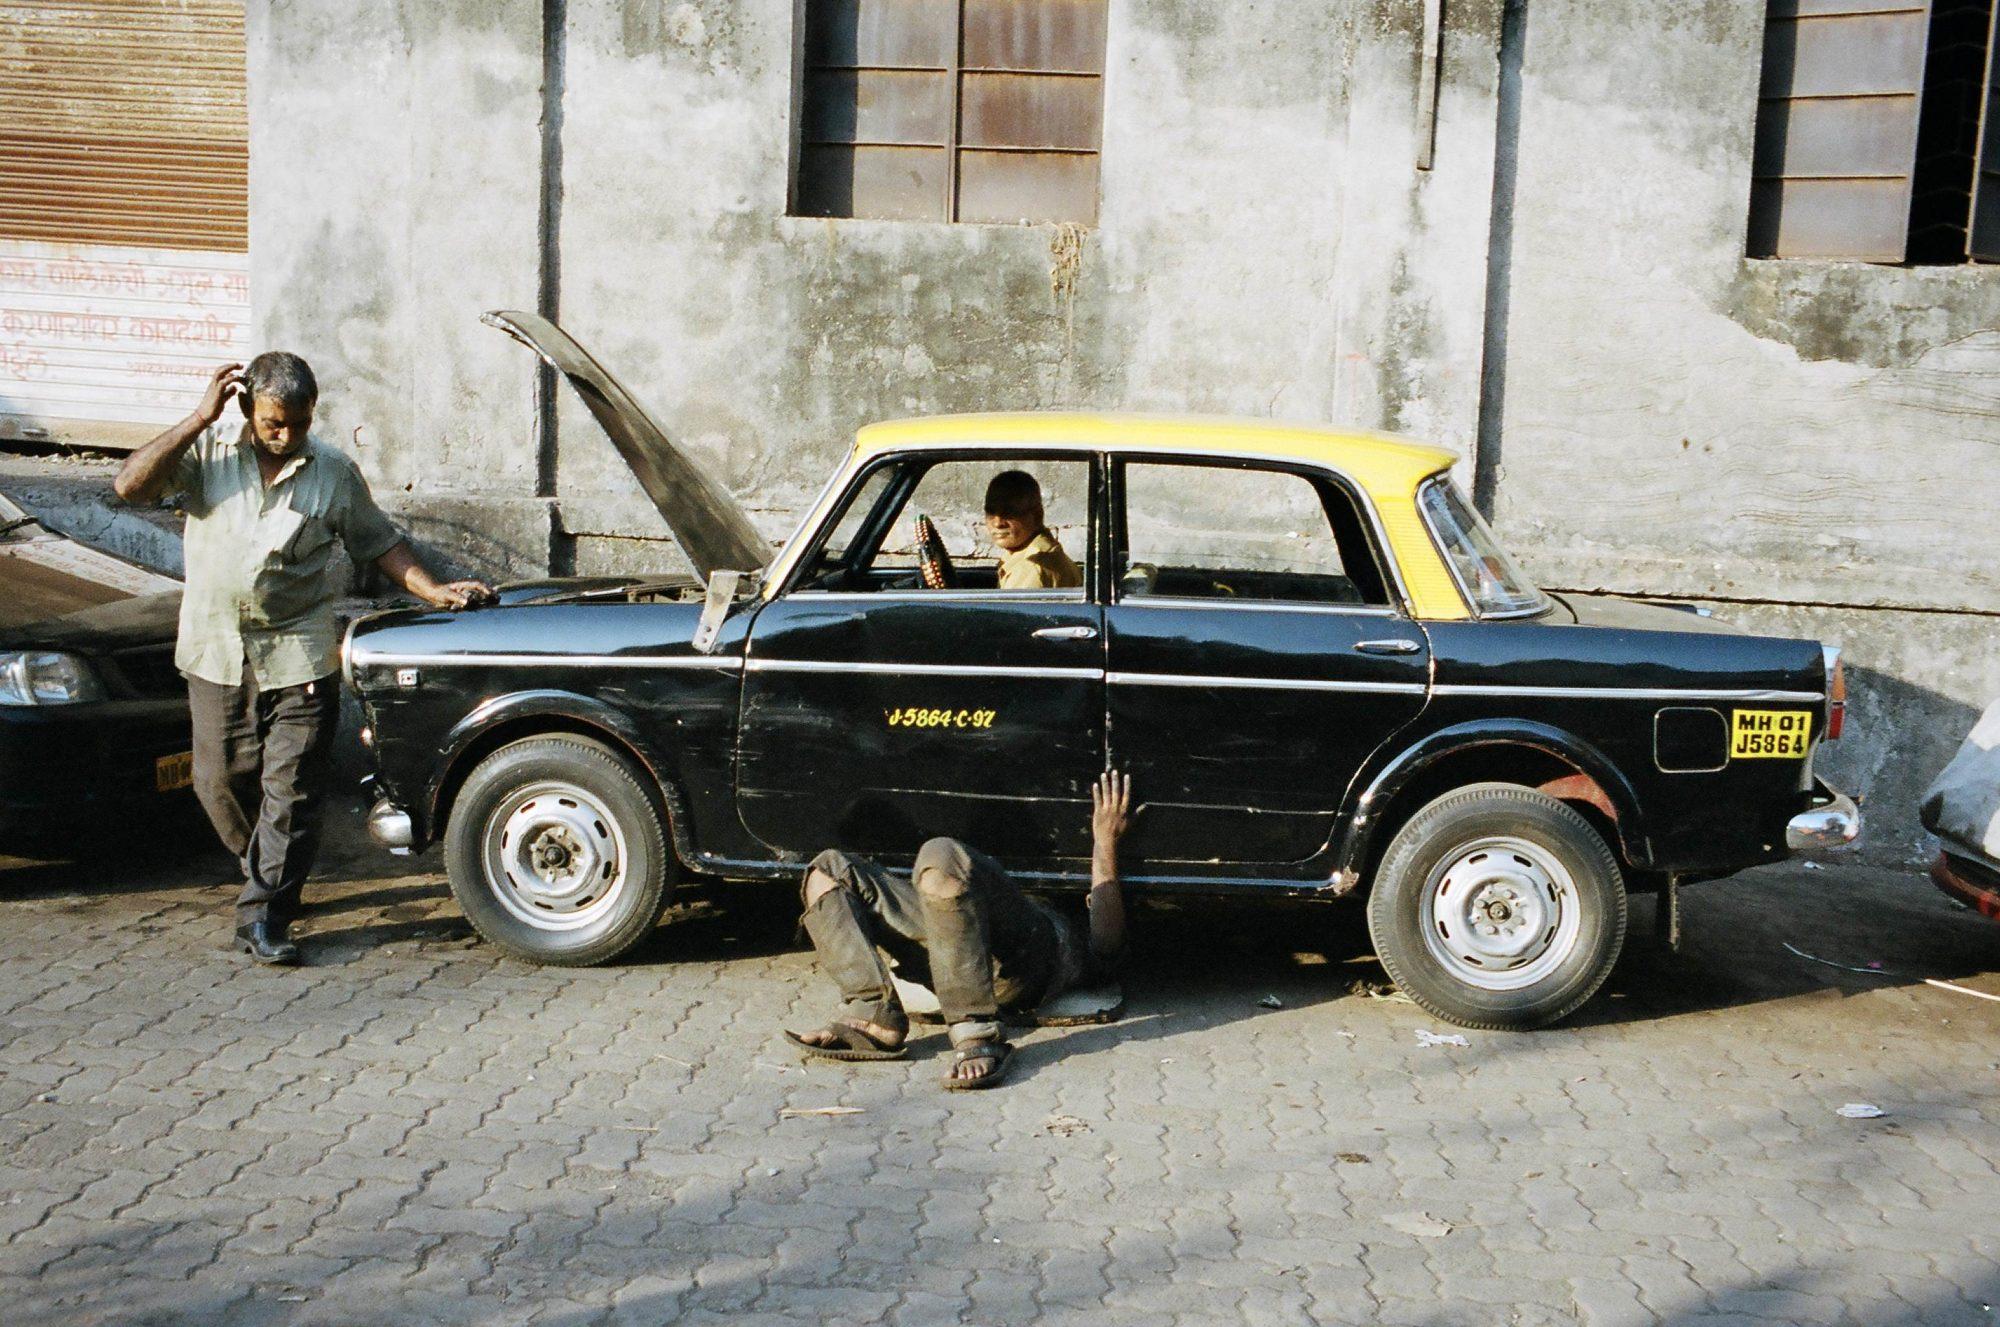 India surreal street photograph of taxi. Mumbai, 2013